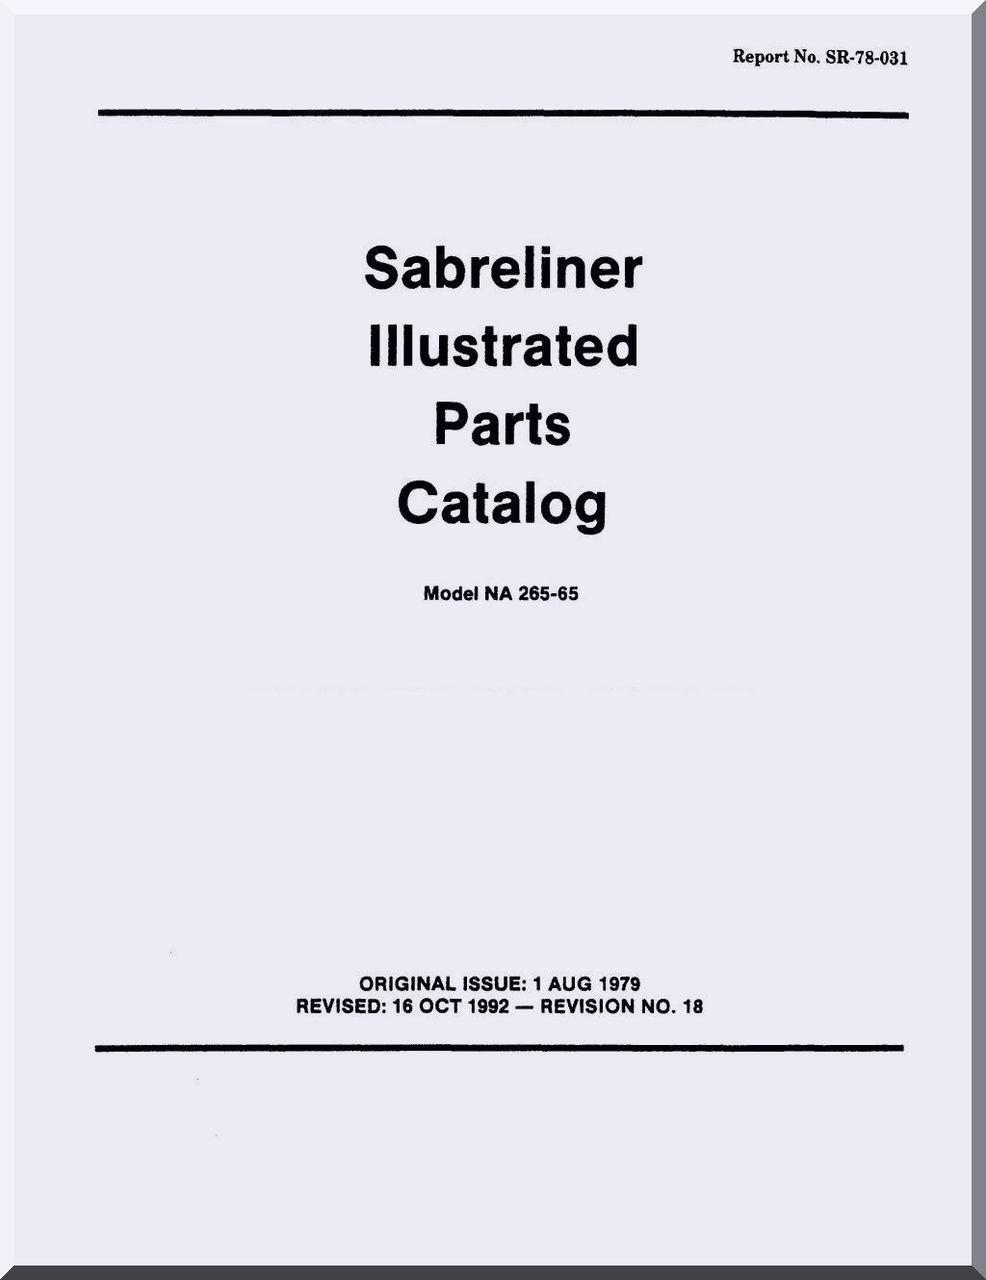 Sabreliner NA 265-65 Aircraft Illustrated Parts Catalog